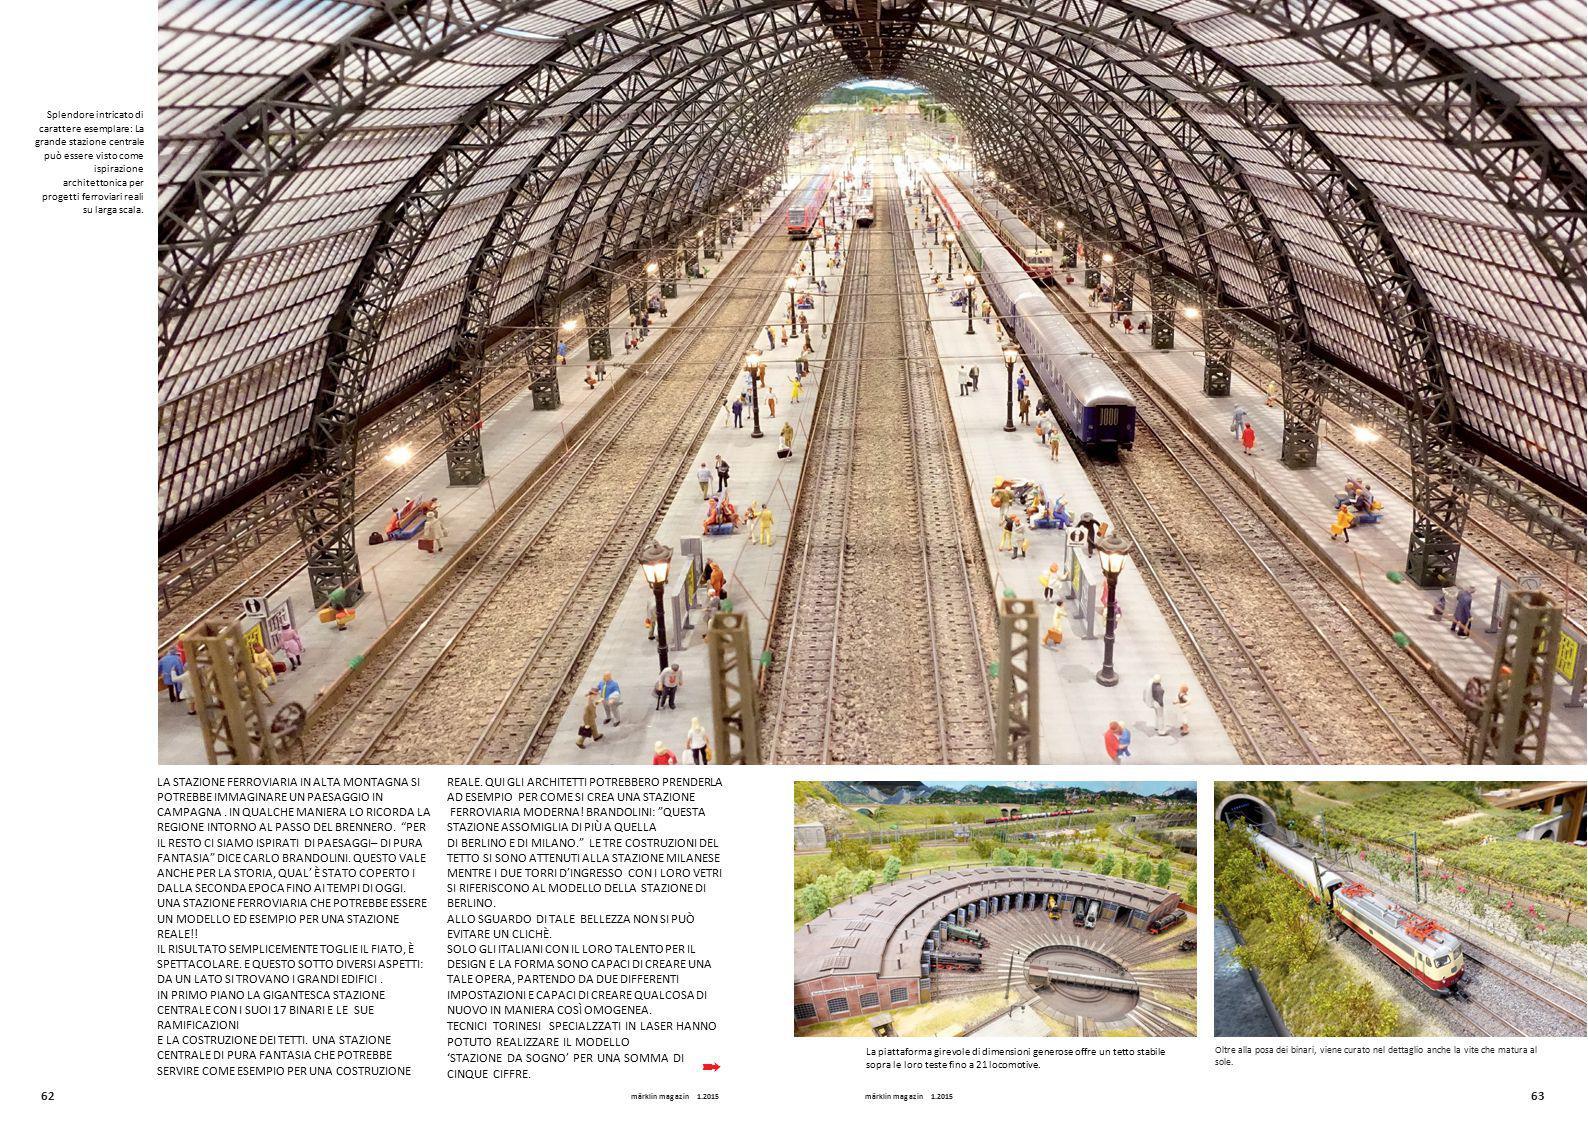 Splendore intricato di carattere esemplare: La grande stazione centrale può essere visto come ispirazione architettonica per progetti ferroviari reali su larga scala.